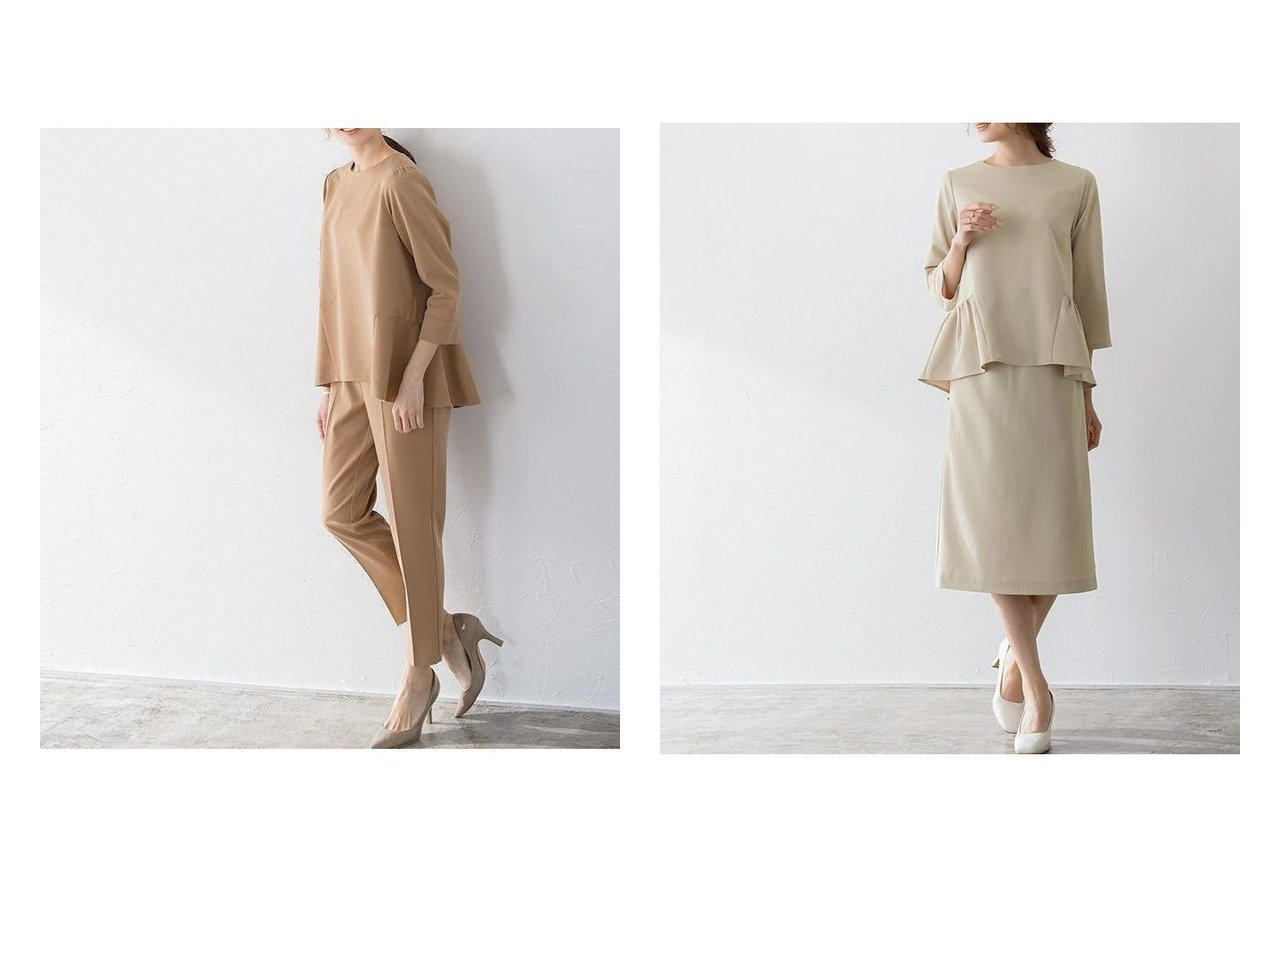 【Pierrot/ピエロ】のバックフレアセットアップ【2021春新作】 送料無料&フリルスカートセットアップ【2021春新作】 送料無料 おすすめ!人気!プチプライスで上品なファッションアイテムの通販 おすすめで人気の流行・トレンド、ファッションの通販商品 メンズファッション・キッズファッション・インテリア・家具・レディースファッション・服の通販 founy(ファニー) https://founy.com/ ファッション Fashion レディースファッション WOMEN セットアップ Setup スカート Skirt スーツ Suits スーツ スカート Skirt スーツセット Suit Sets バッグ Bag 送料無料 Free Shipping 2021年 2021 2021 春夏 S/S SS Spring/Summer 2021 シンプル スーツ セットアップ フェミニン フリル プチプライス・低価格 Affordable 春 Spring |ID:crp329100000024360